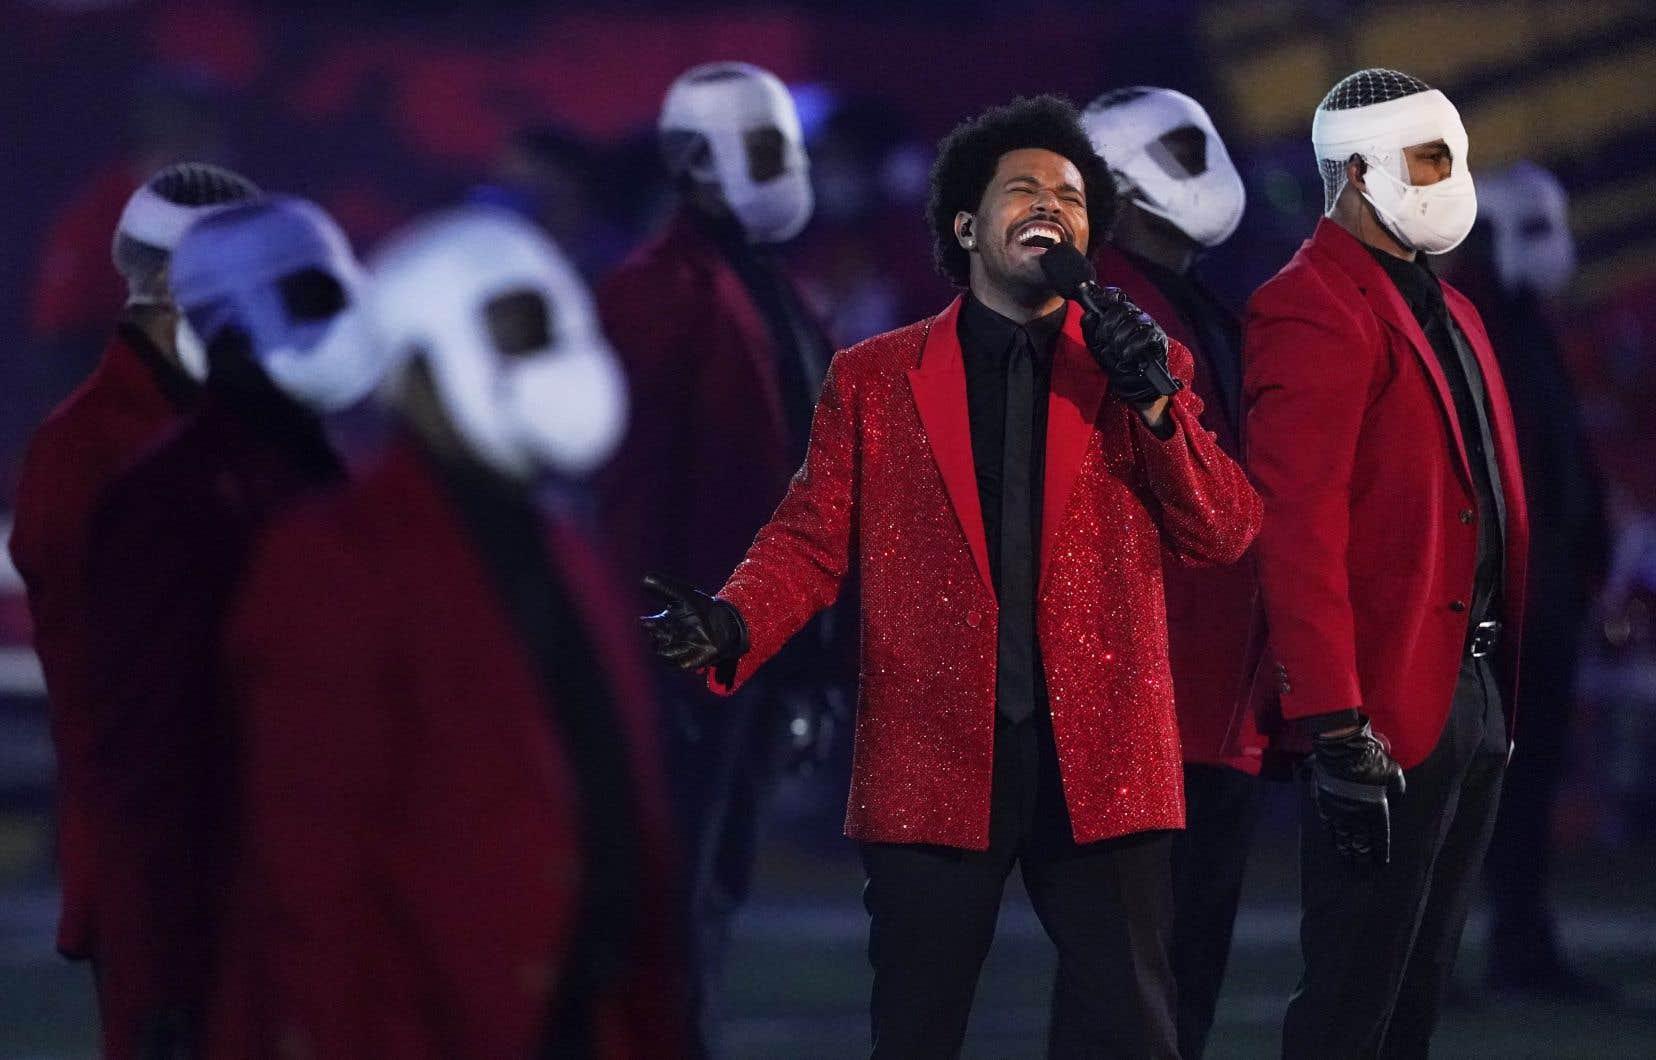 Une fois sur le gazon, le chanteur a lancé <em>Bliding Lights</em>, entouré de plus de cent danseurs habillés comme lui, recouverts de bandages sur le visage.